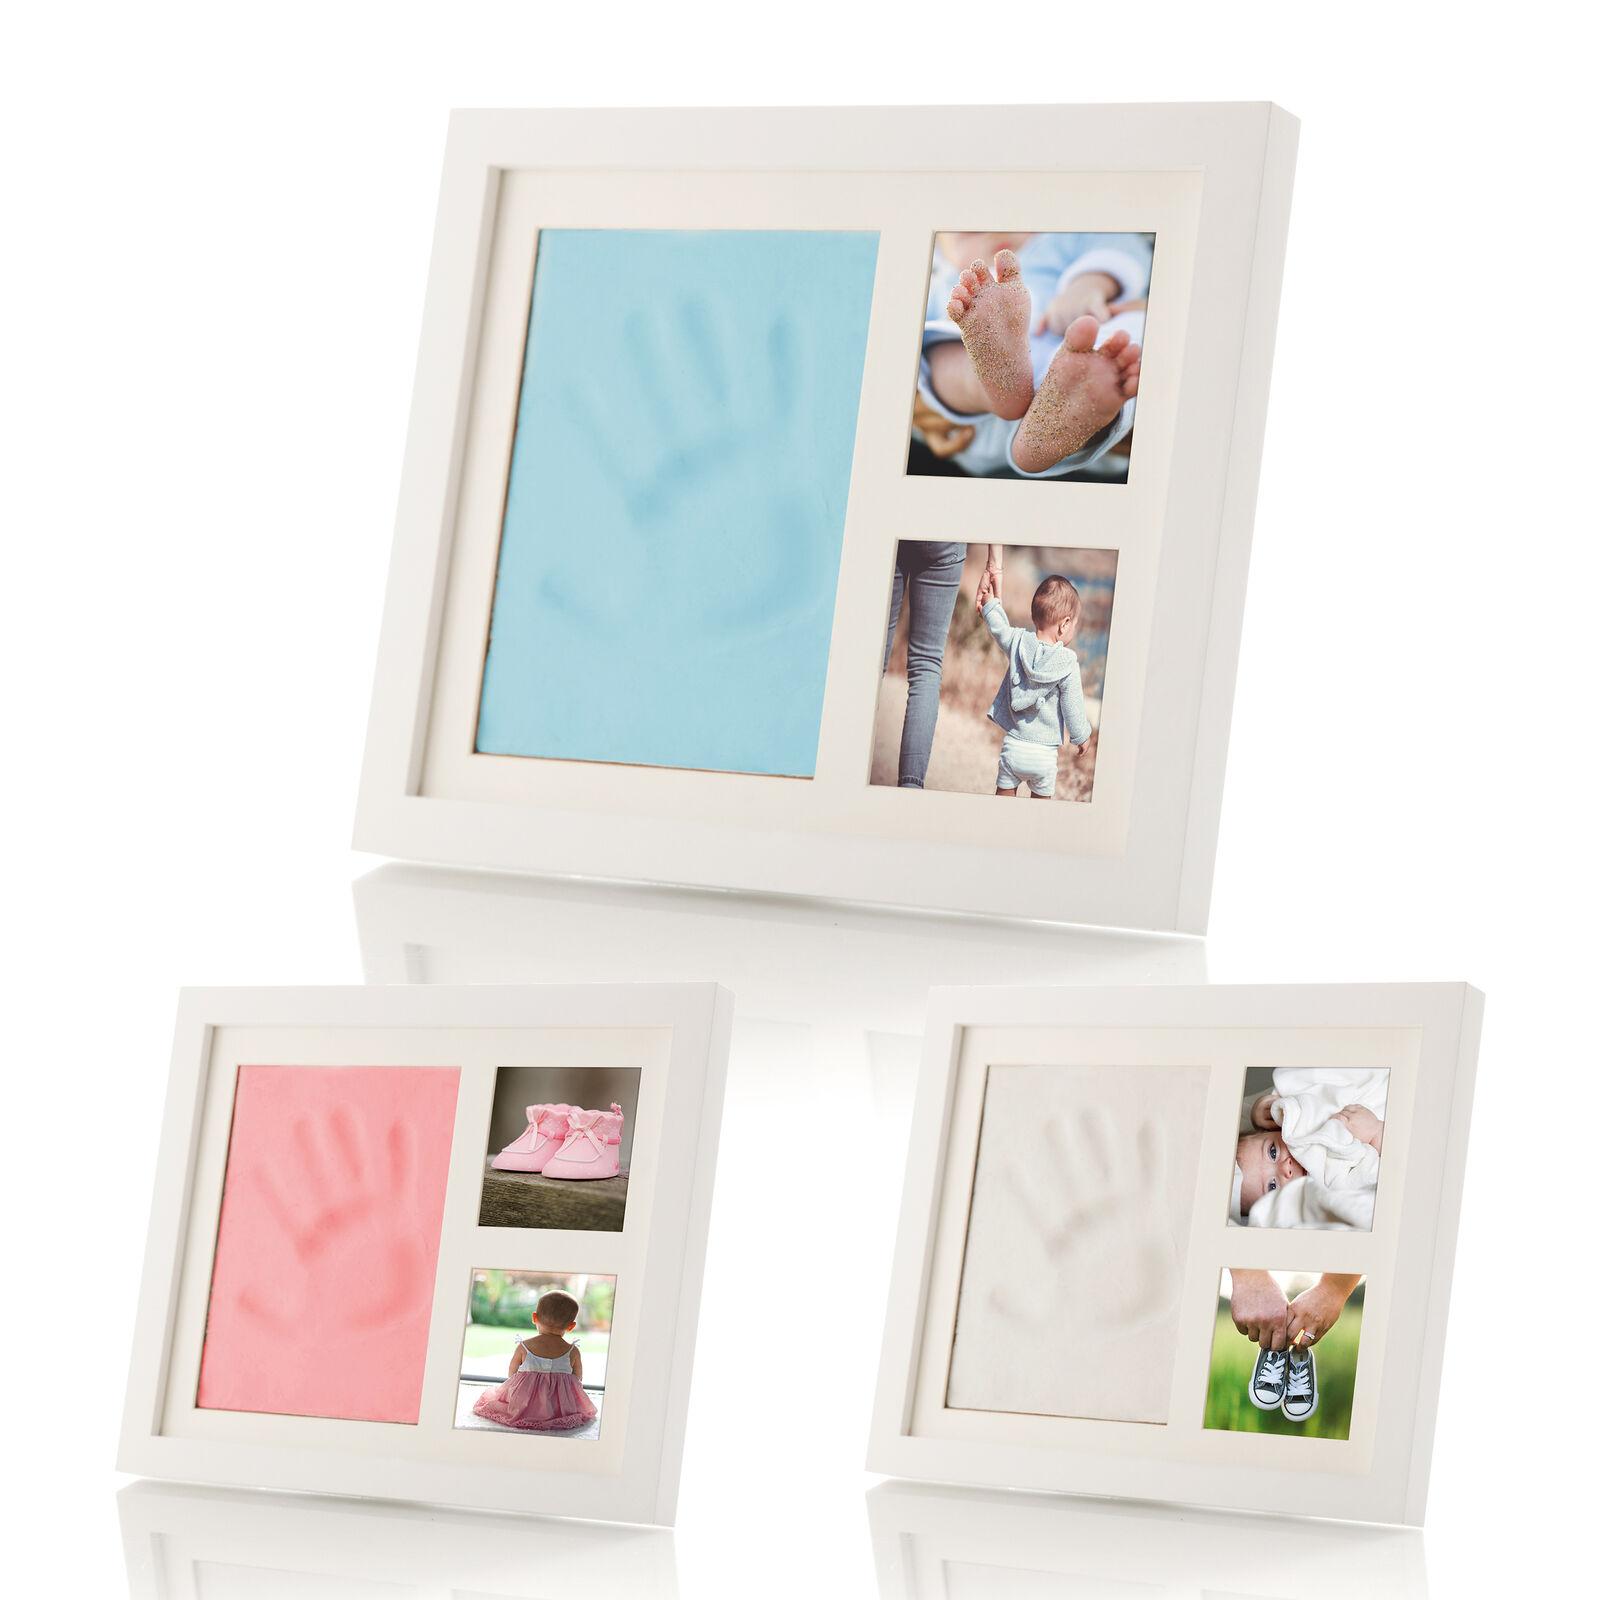 smileBaby Baby Bilderrahmen Hand Fuß Abdruck Set Handabdruck Foto Bilder Rahmen